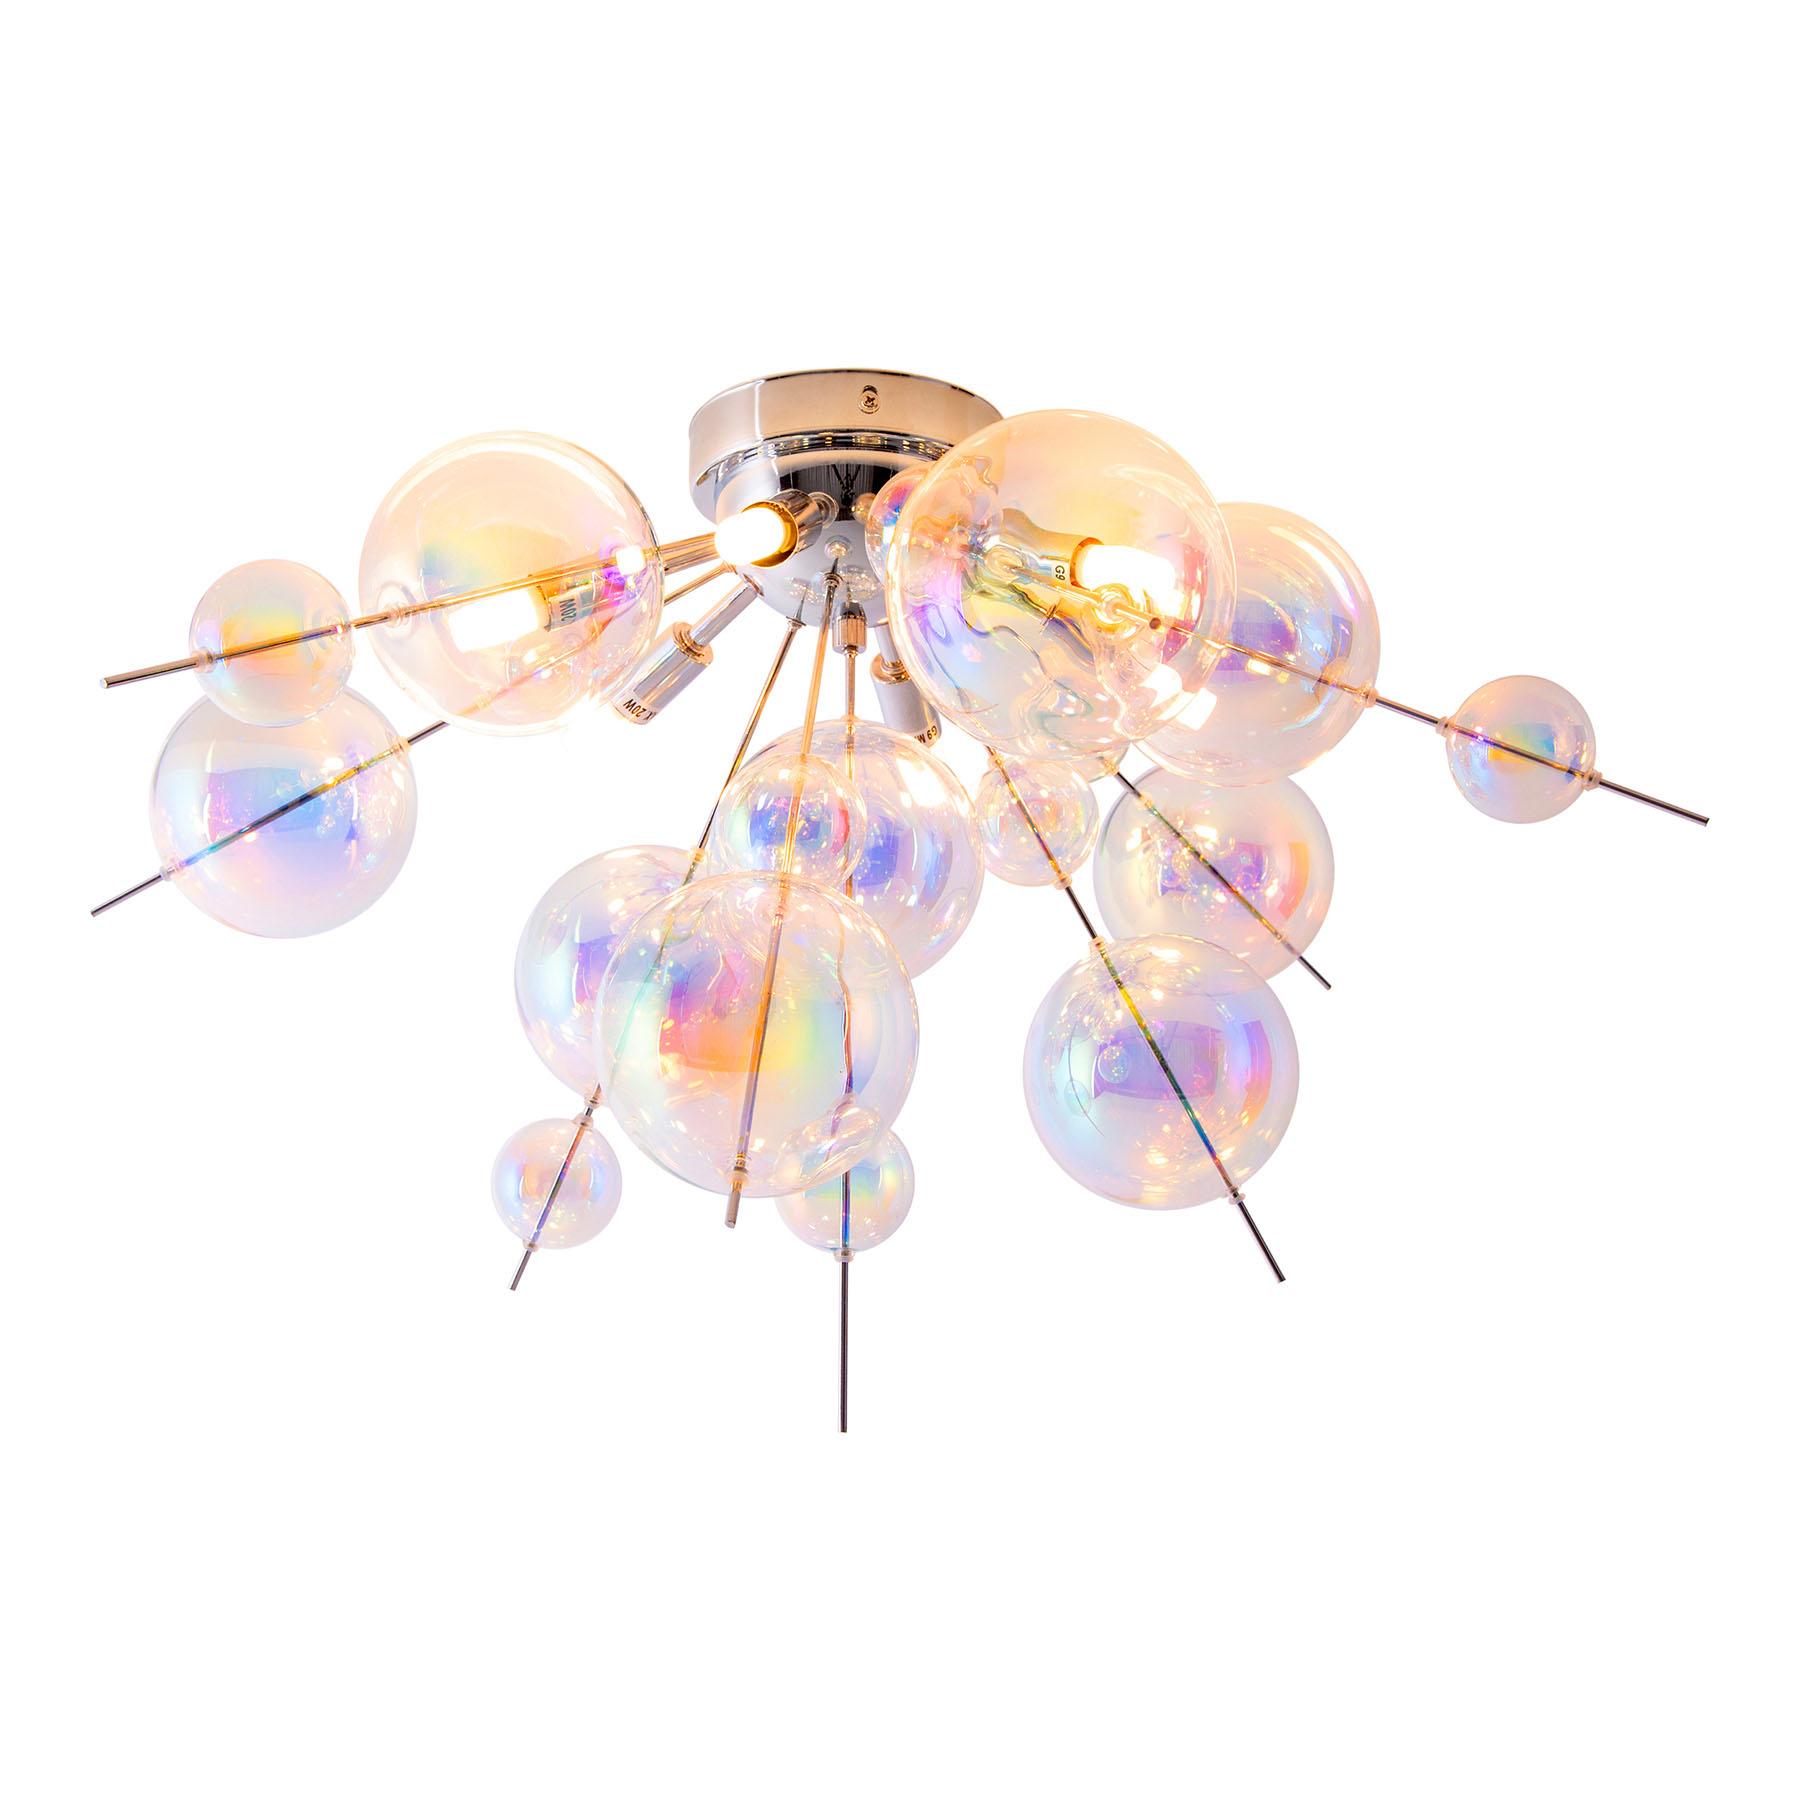 Lasinen kattovalaisin Explosion, 6-lamppuinen